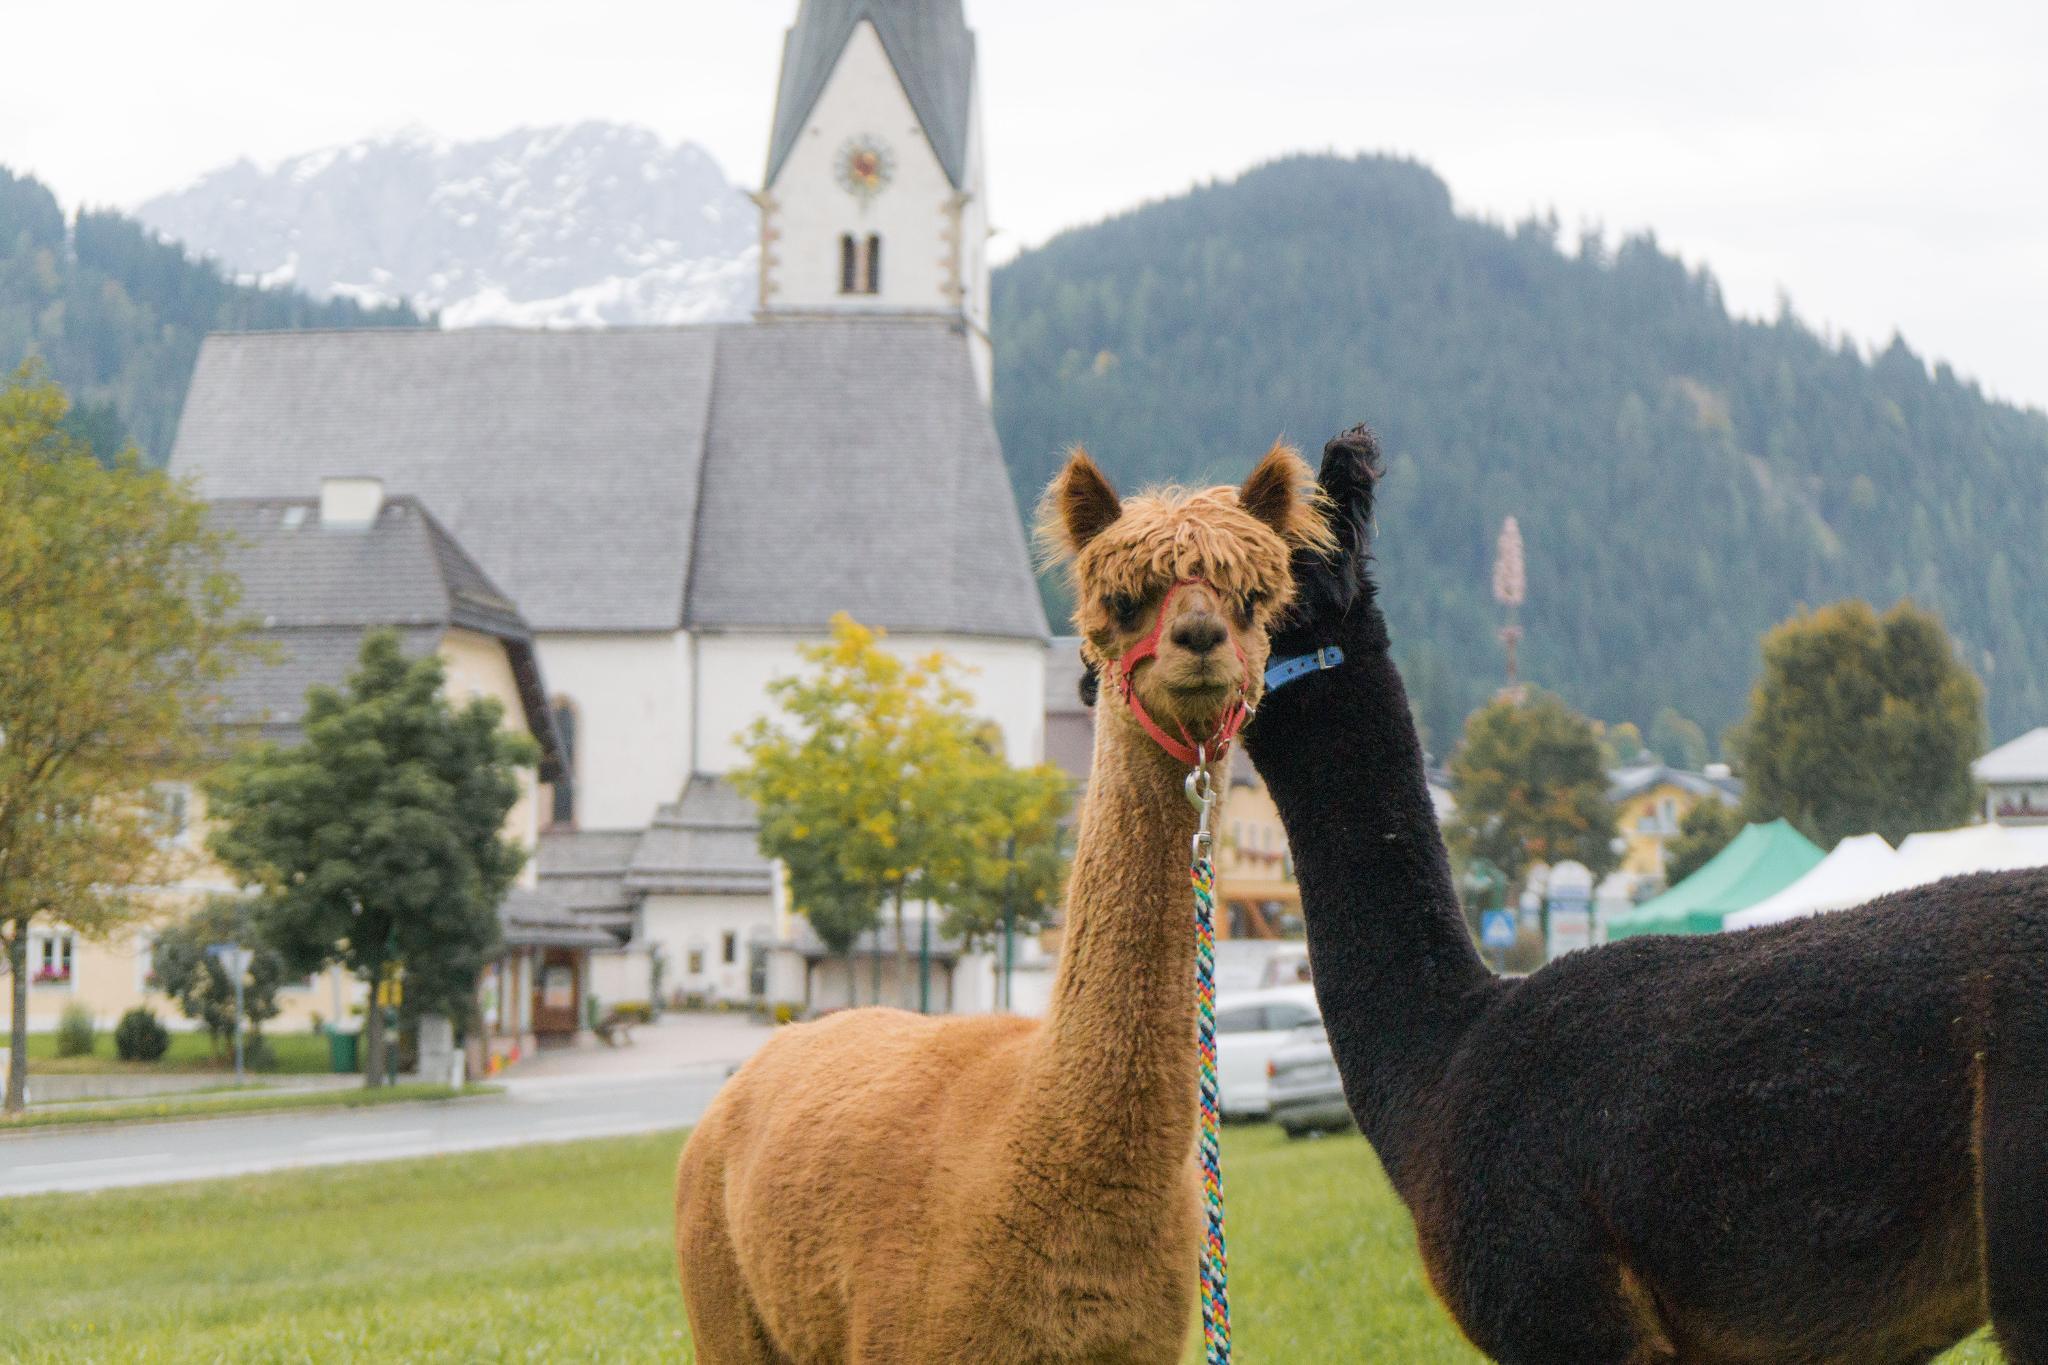 【奧地利】阿爾卑斯迷迷路!遇見美麗的奧地利風情小鎮:滕嫩山麓聖馬丁